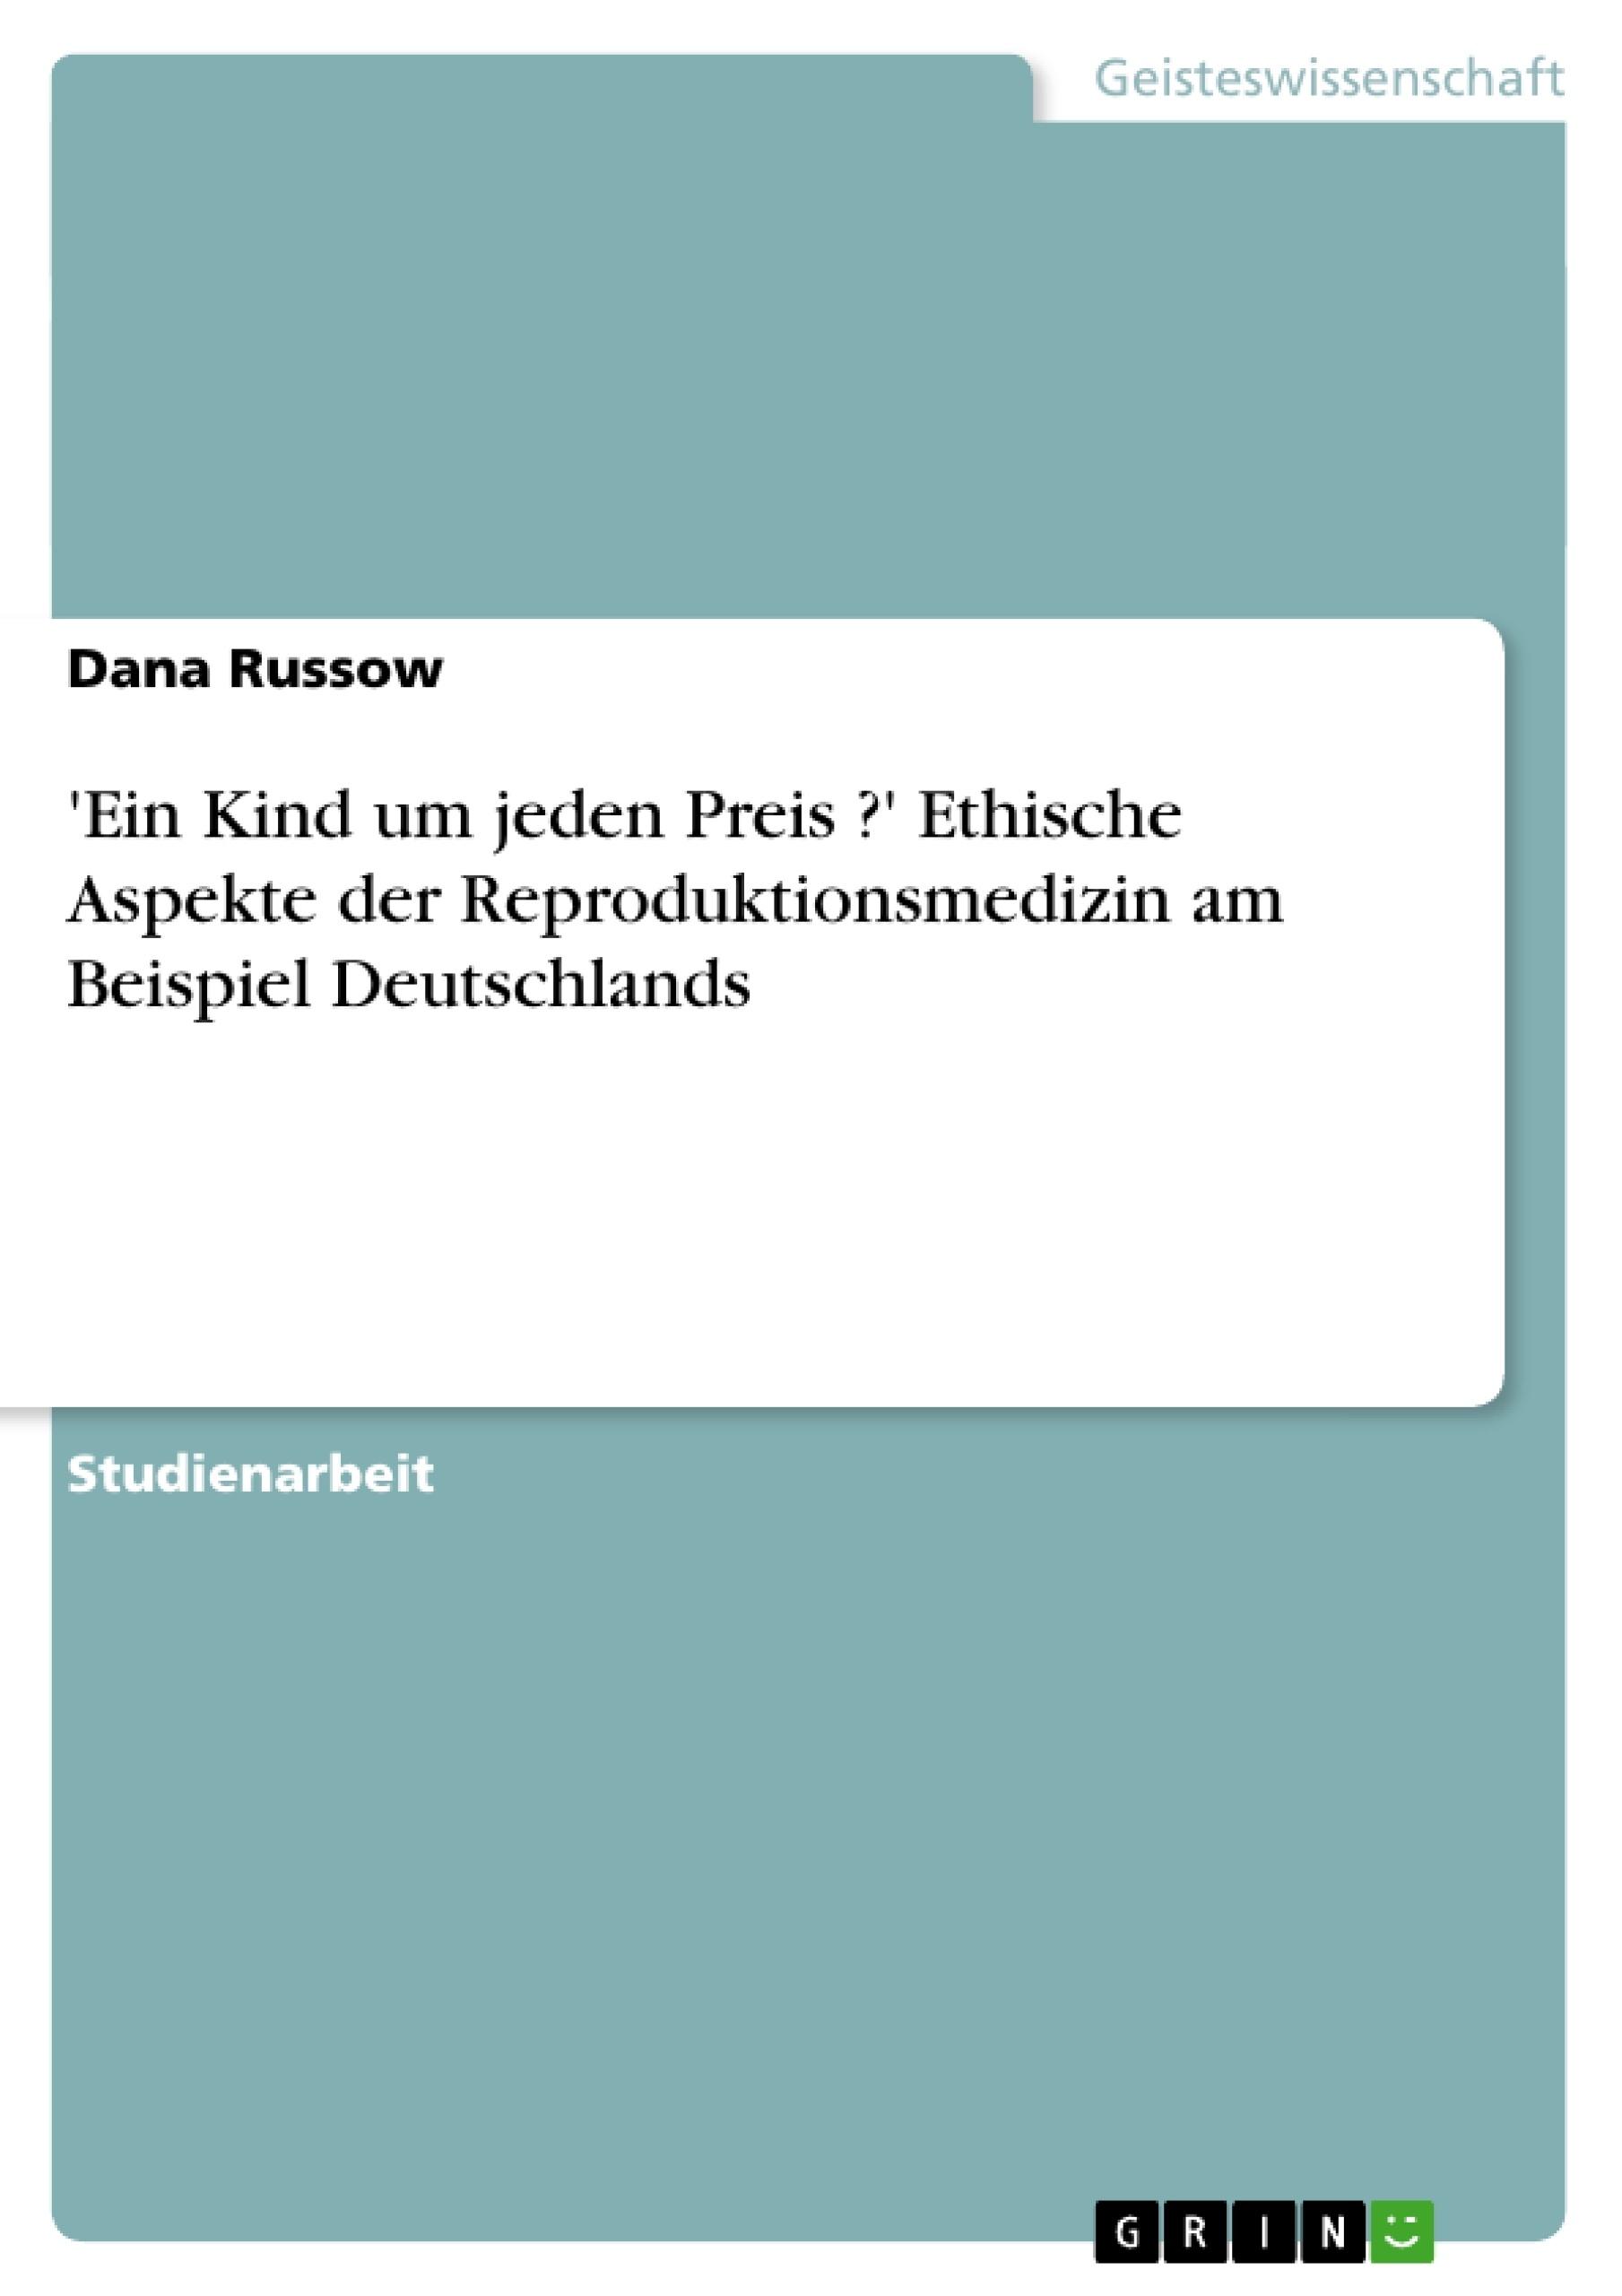 Titel: 'Ein Kind um jeden Preis ?'  Ethische Aspekte der Reproduktionsmedizin am Beispiel Deutschlands